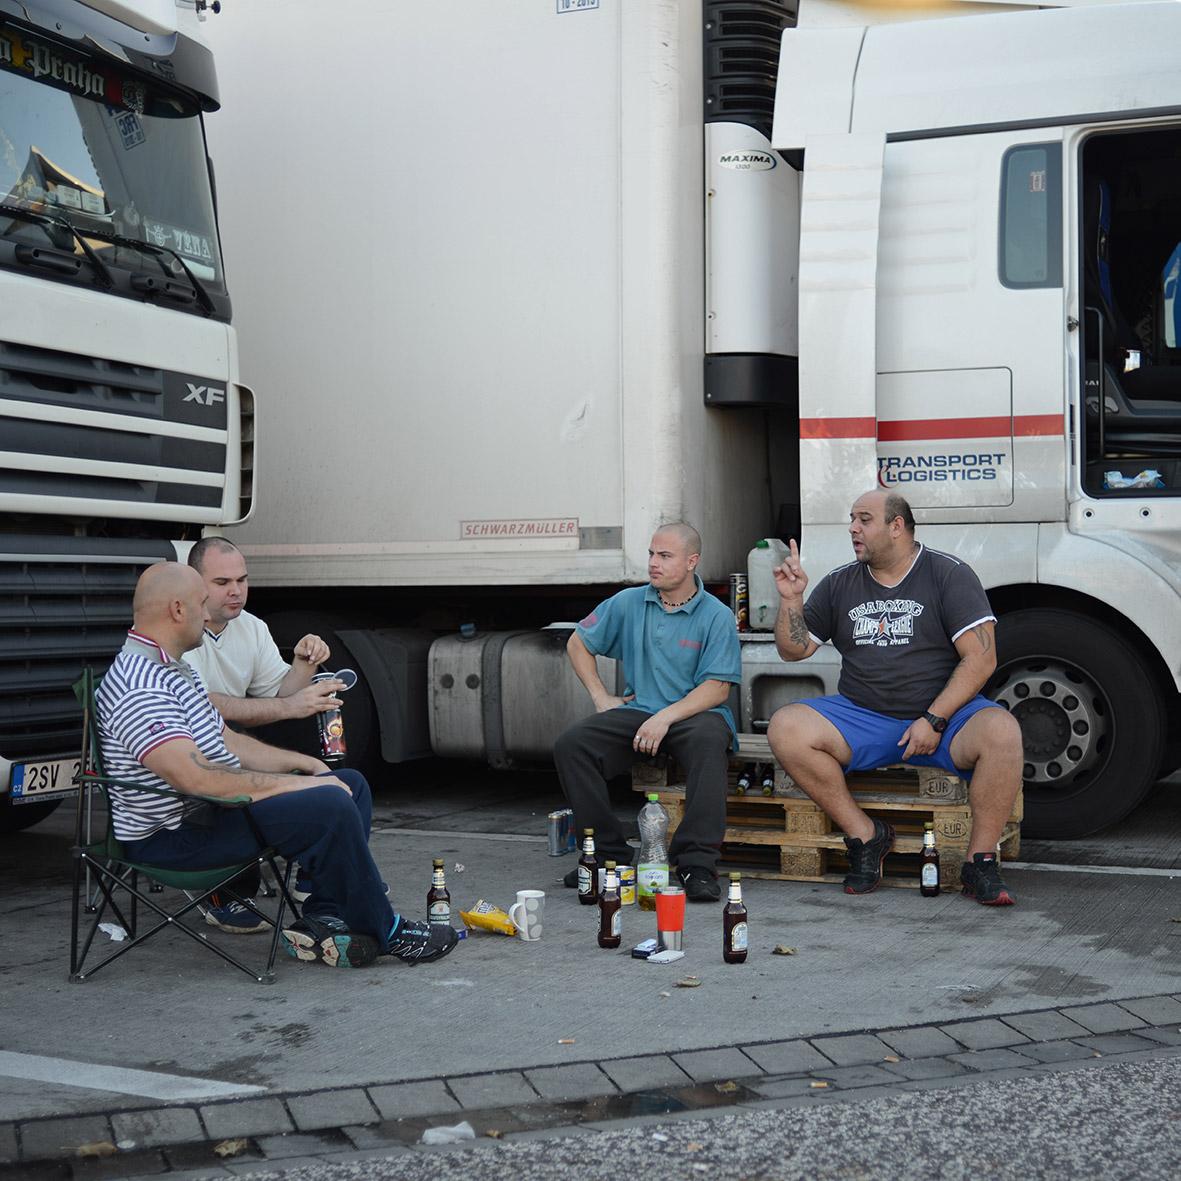 Männergruppe 3 (Tschechien)